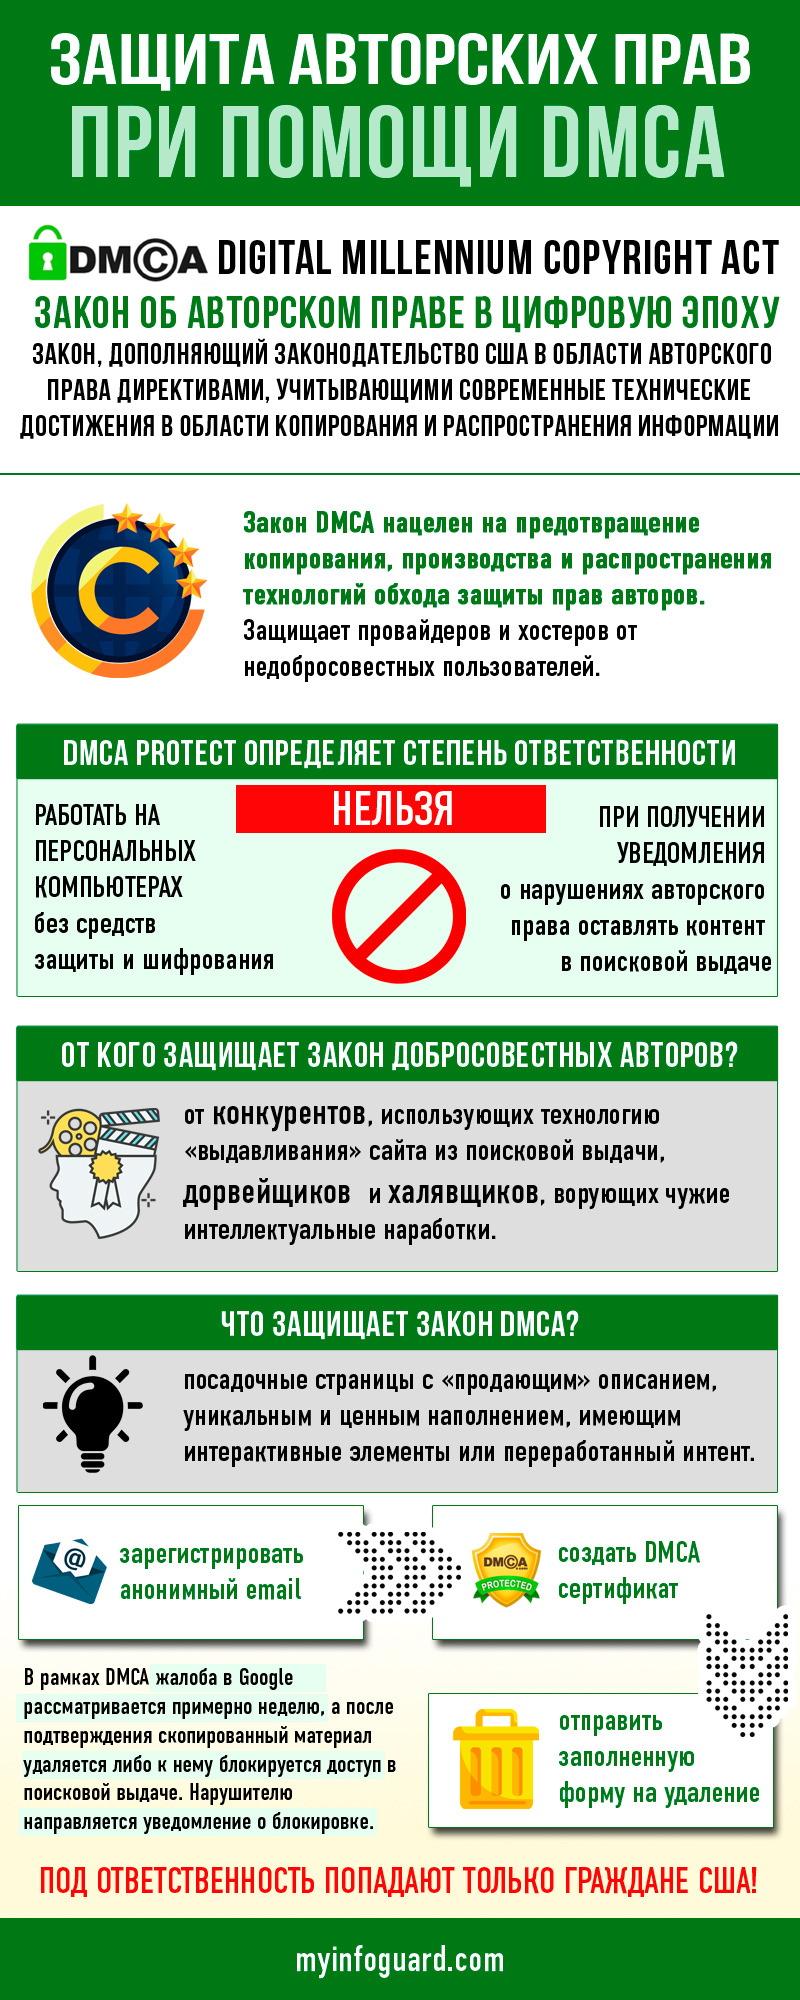 Как защитить права при помощи DMCA